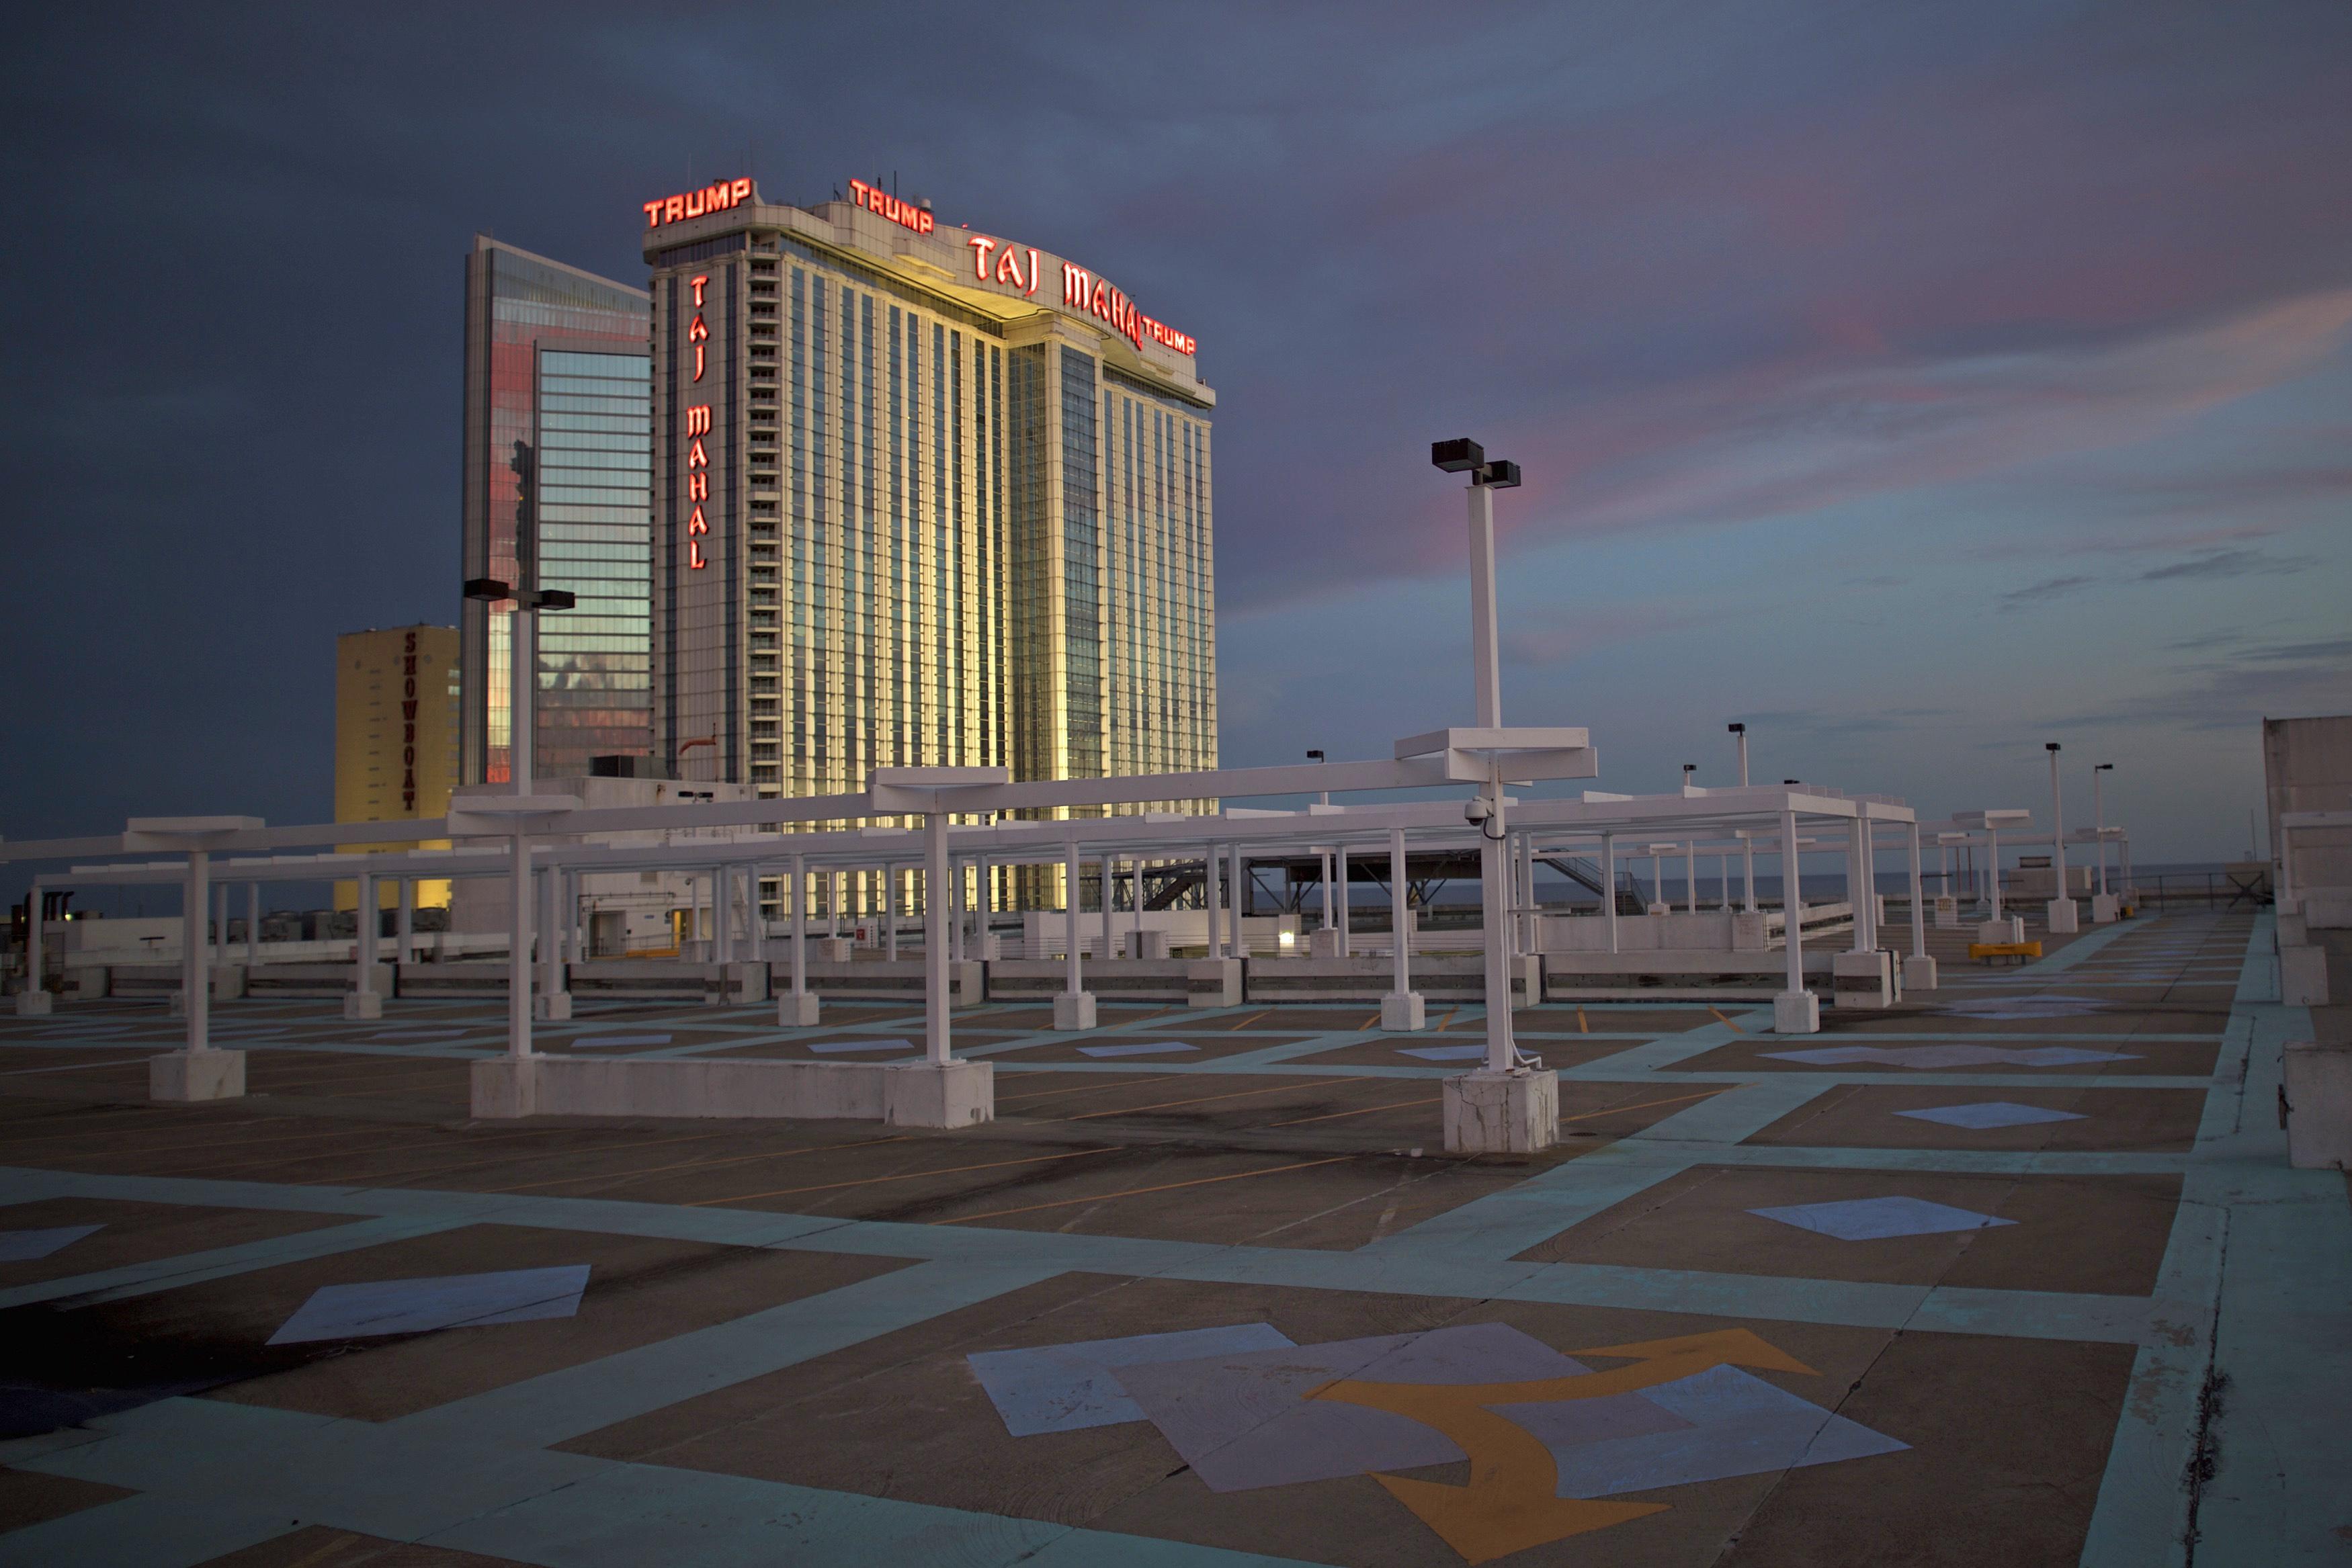 250- ն անվճար casinos է Casino.com- ում ոչ ավանդային կազինո